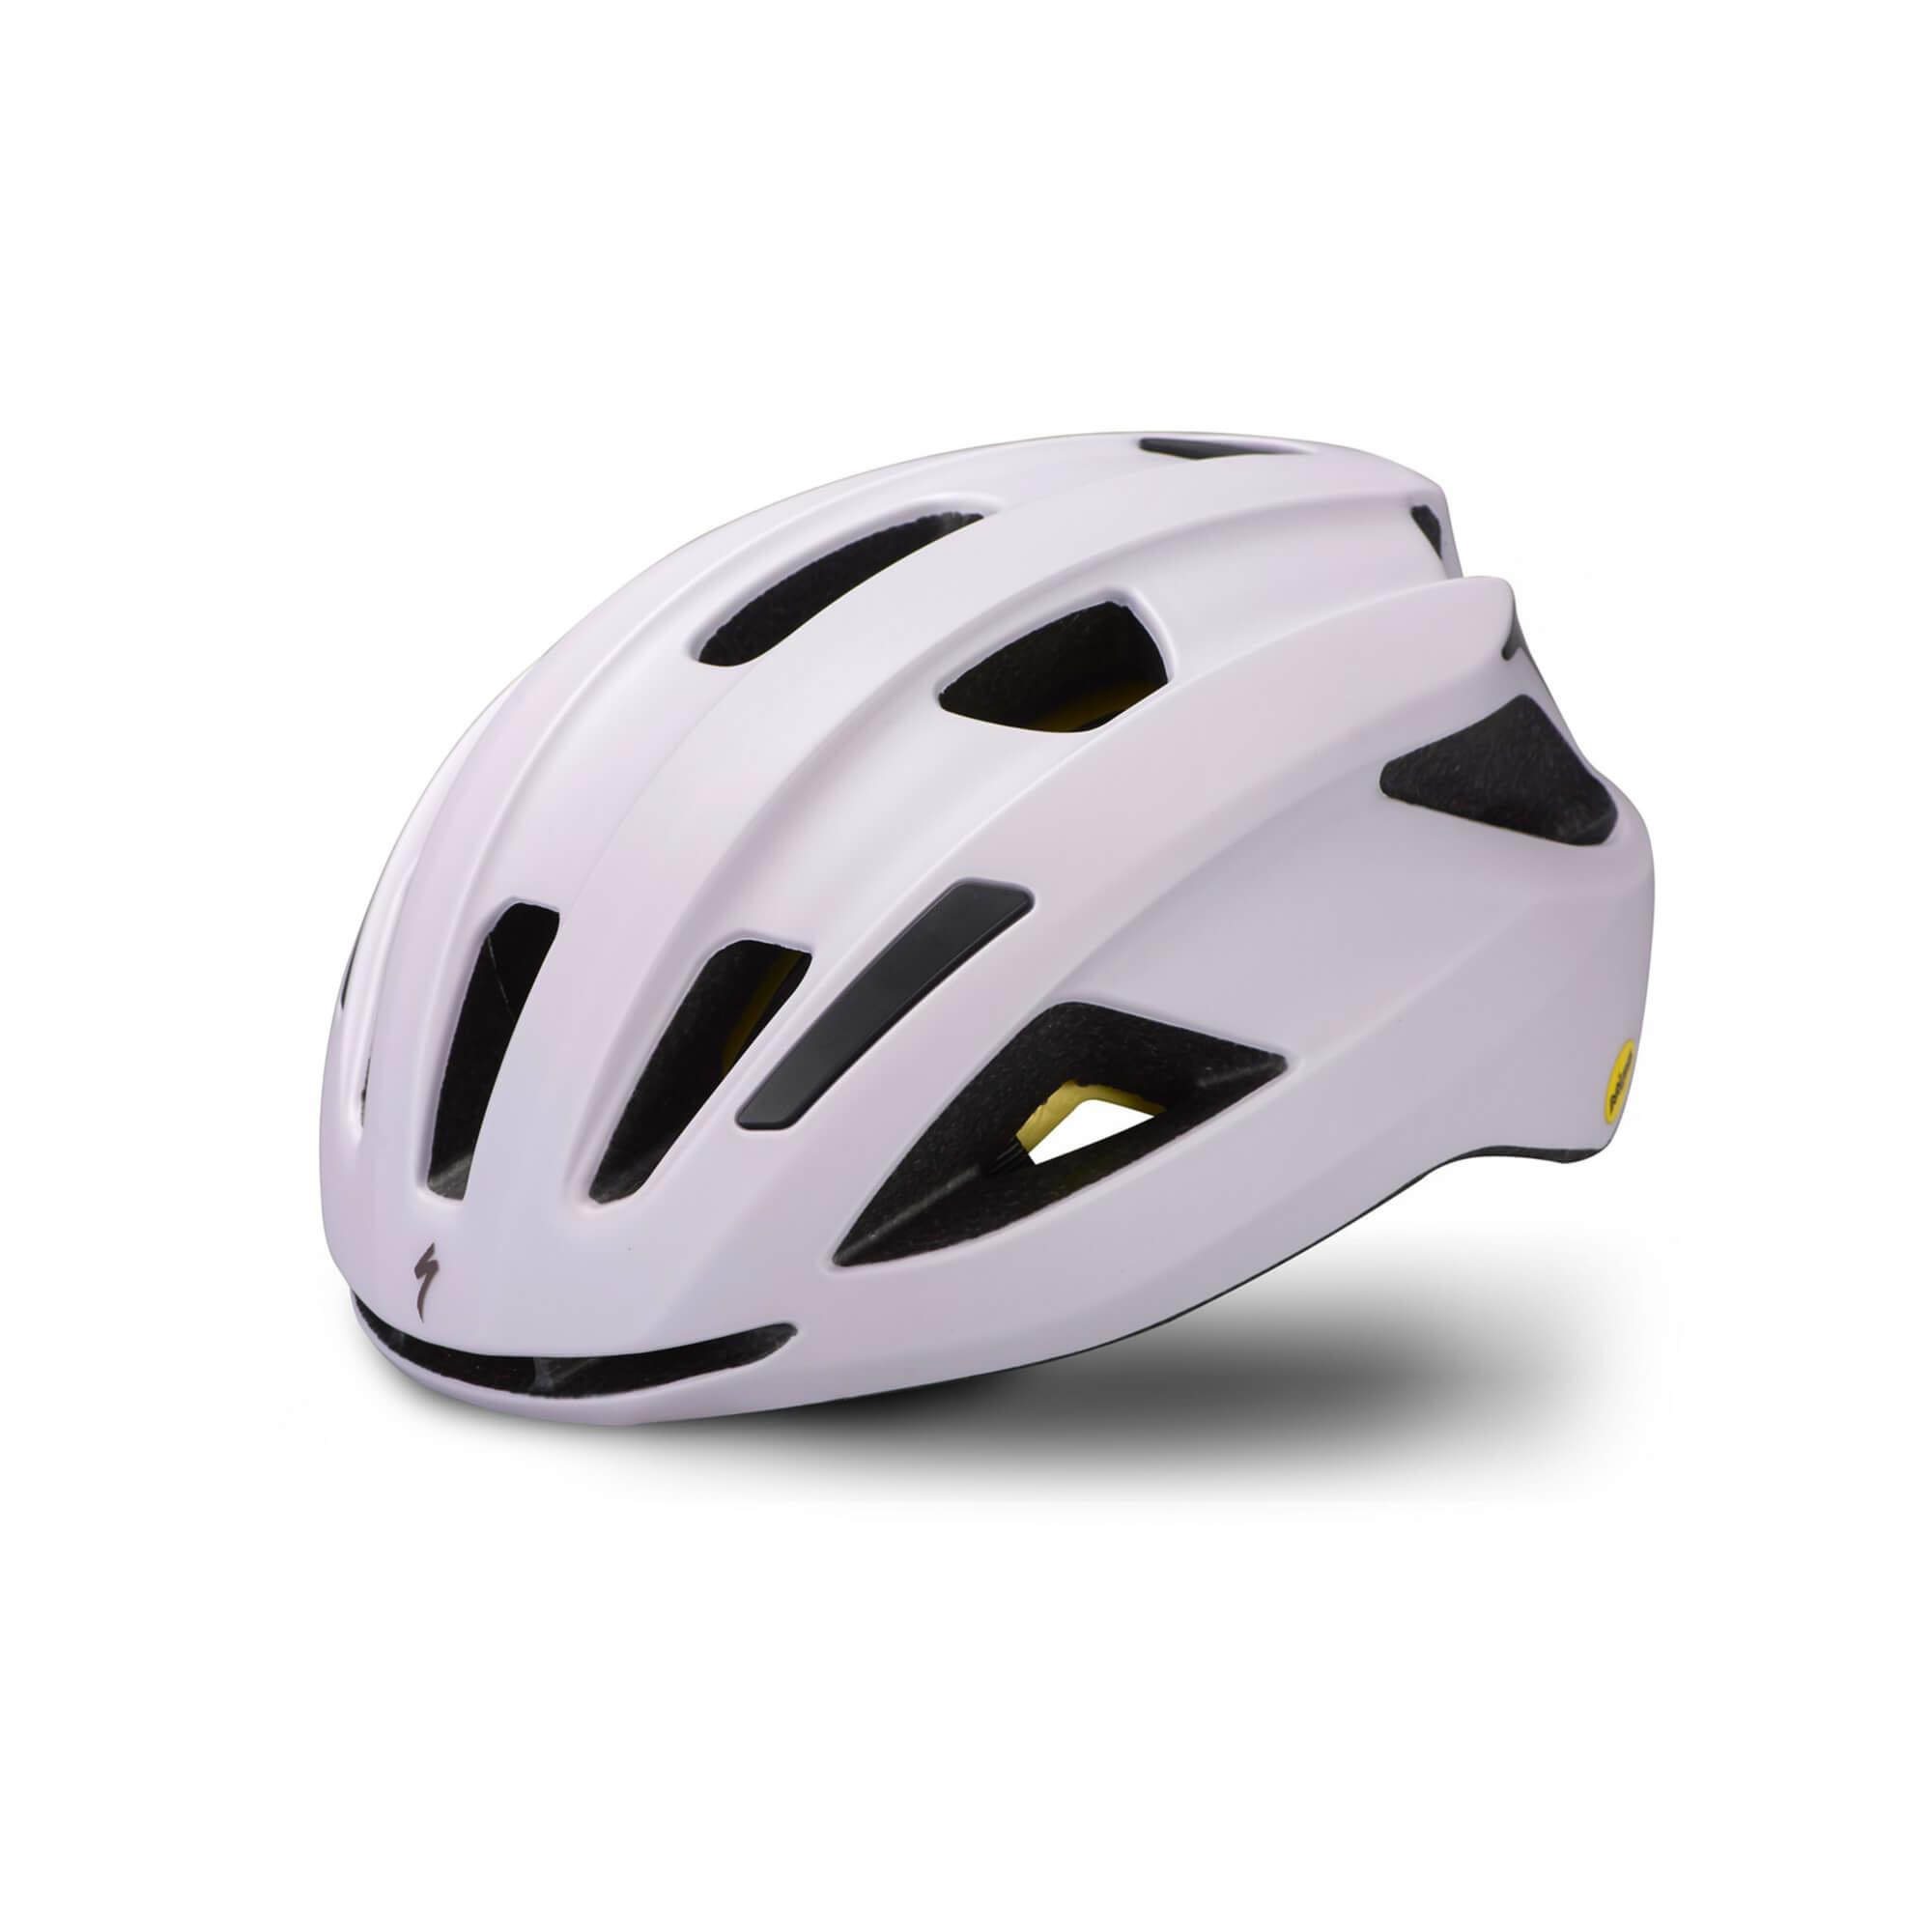 Align II Helmet Mips-3